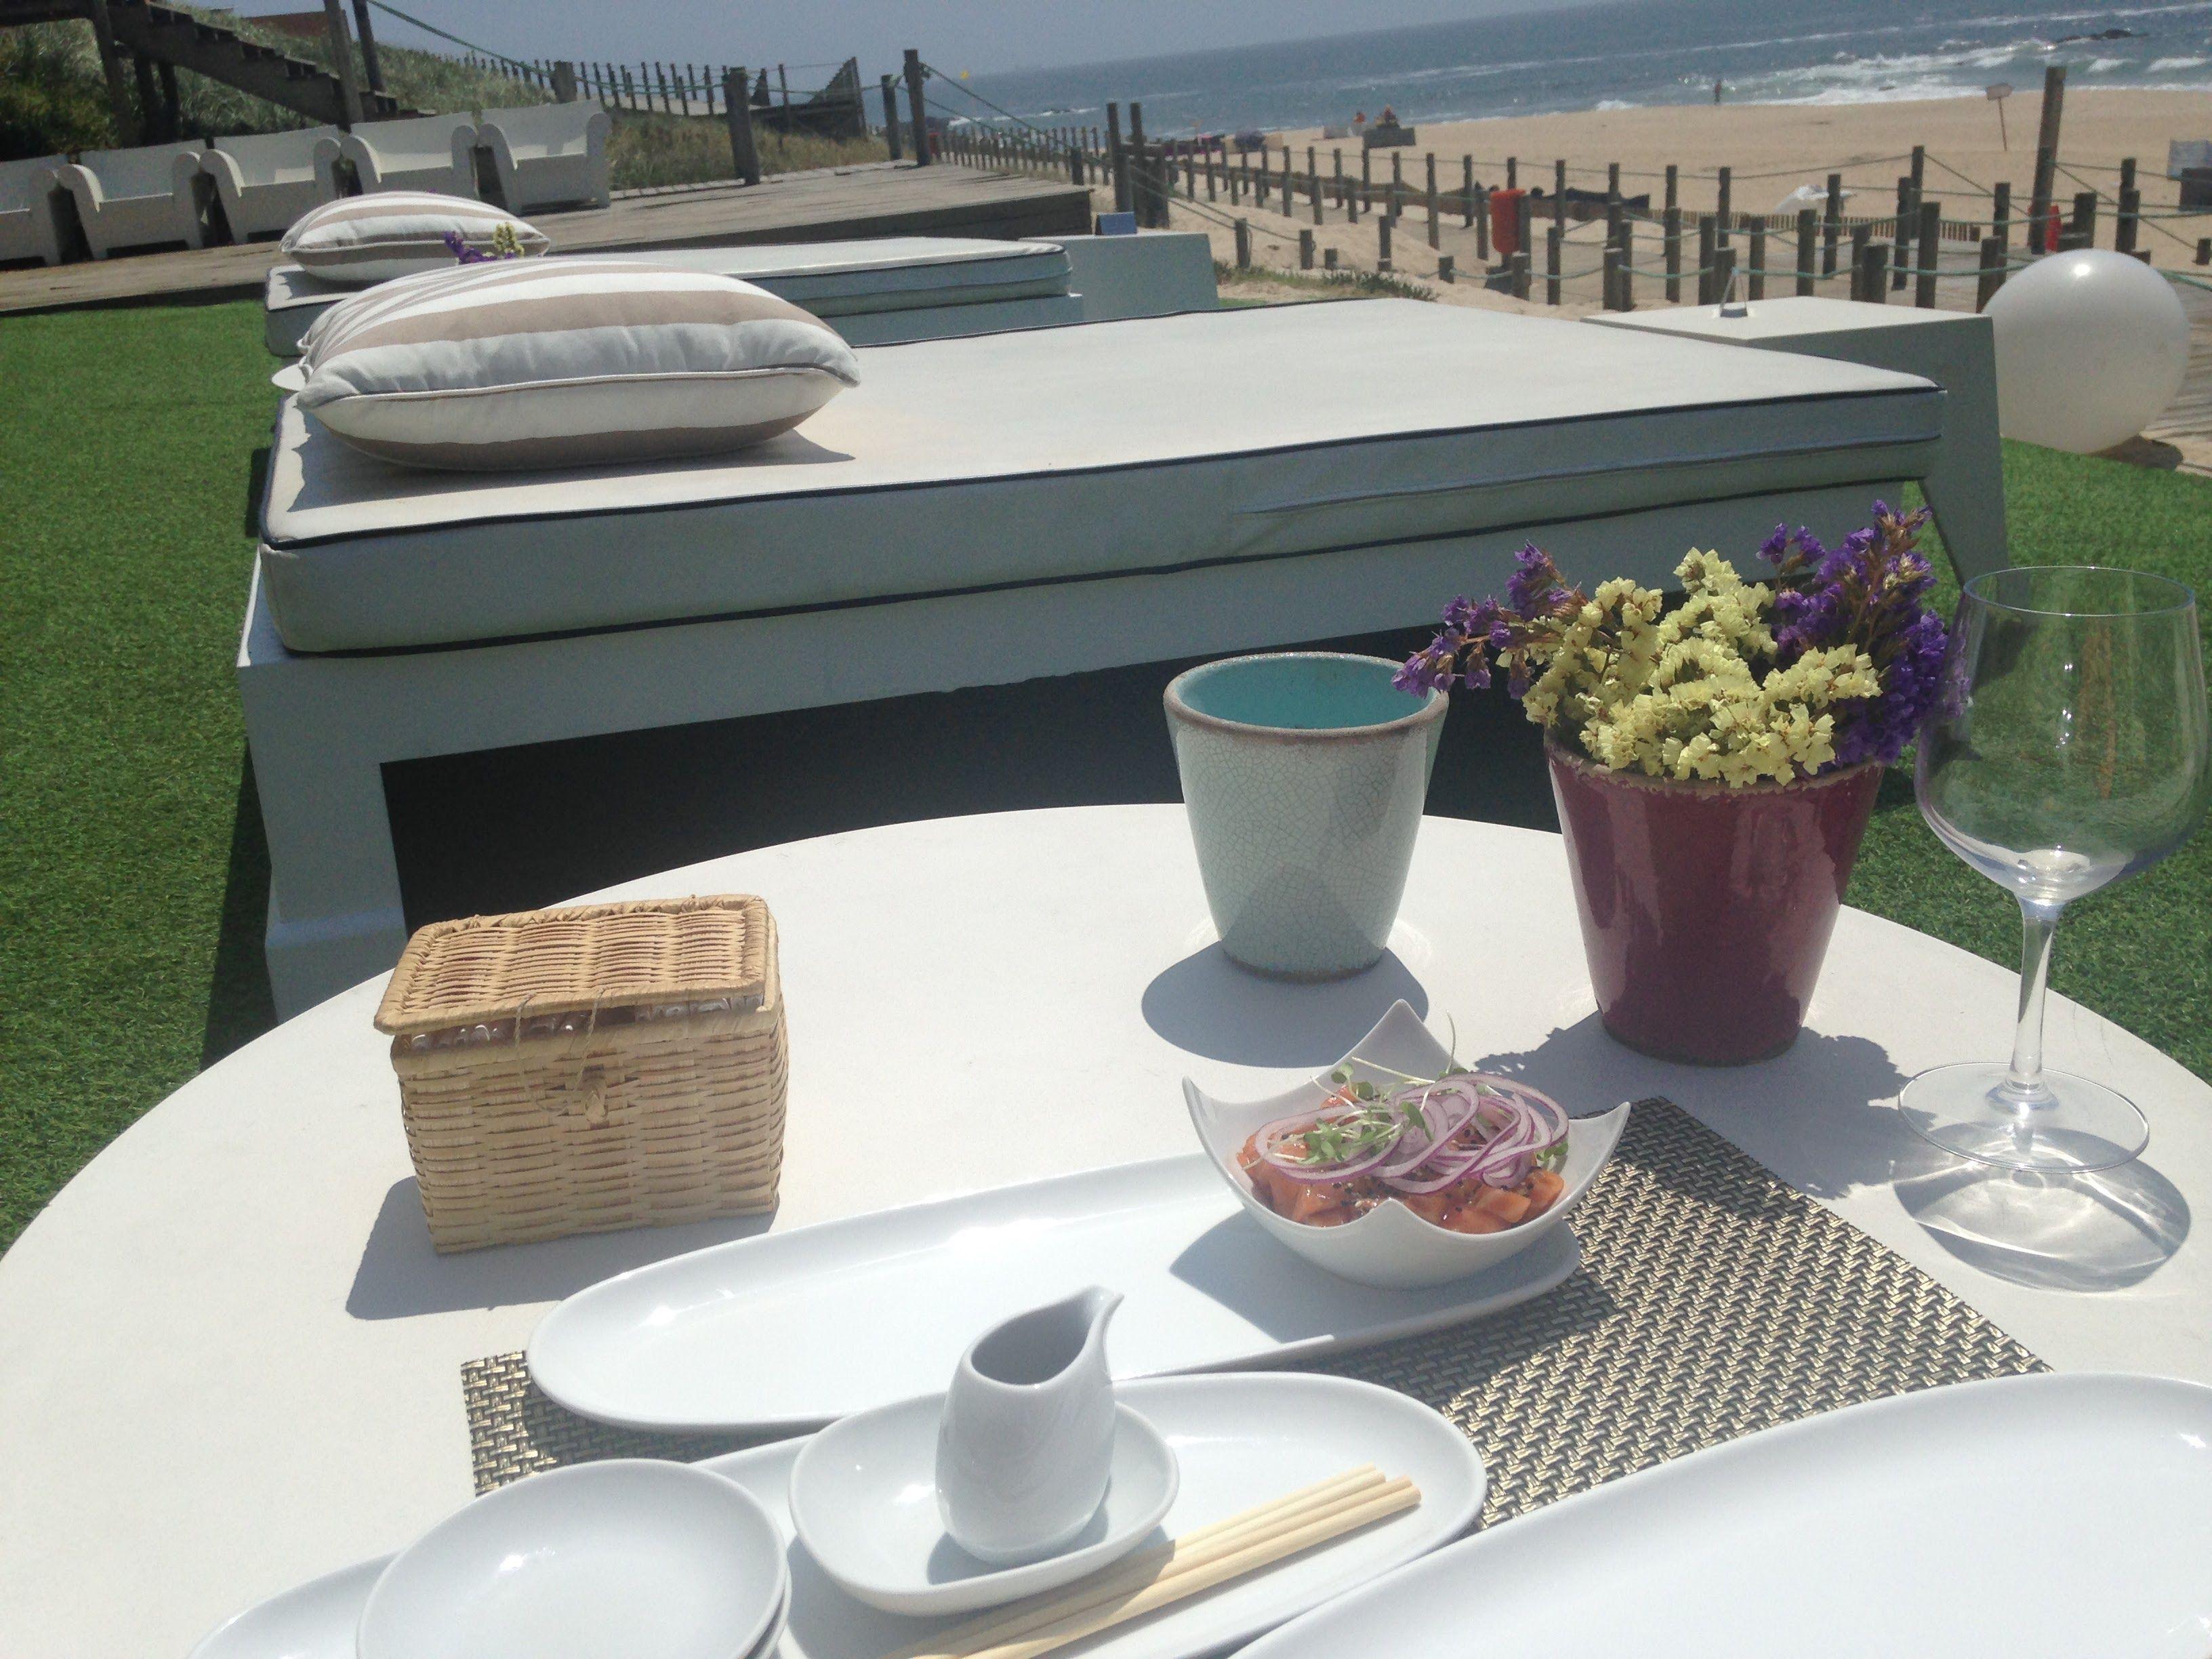 L Kodac día perfecto playa en Oporto y buen sushi con mucho estilo...en Playa do Aterro